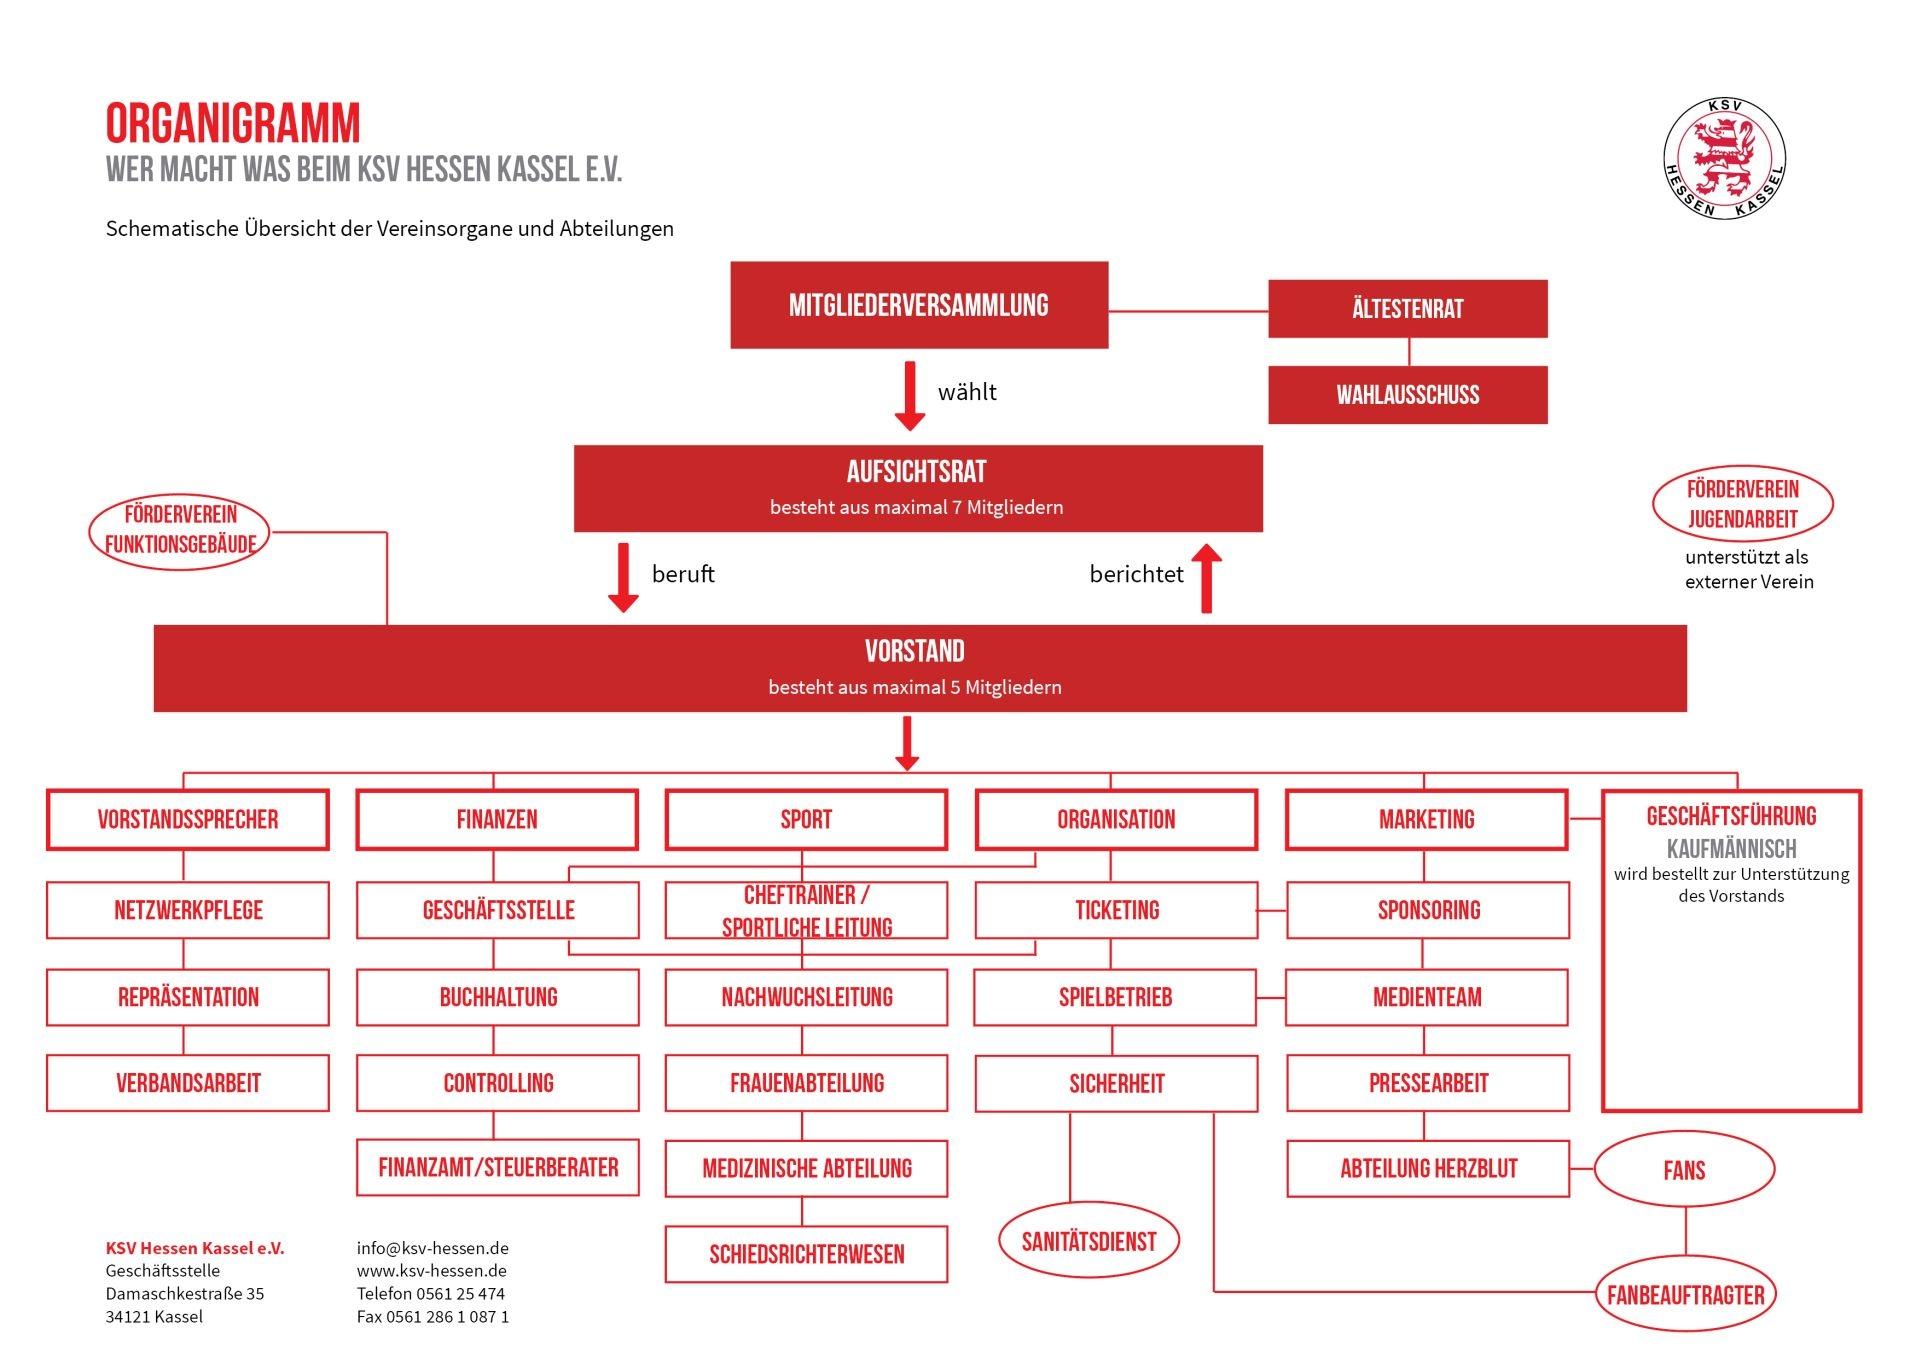 Organigramm - Wer macht was beim KSV Hessen Kassel e.V.